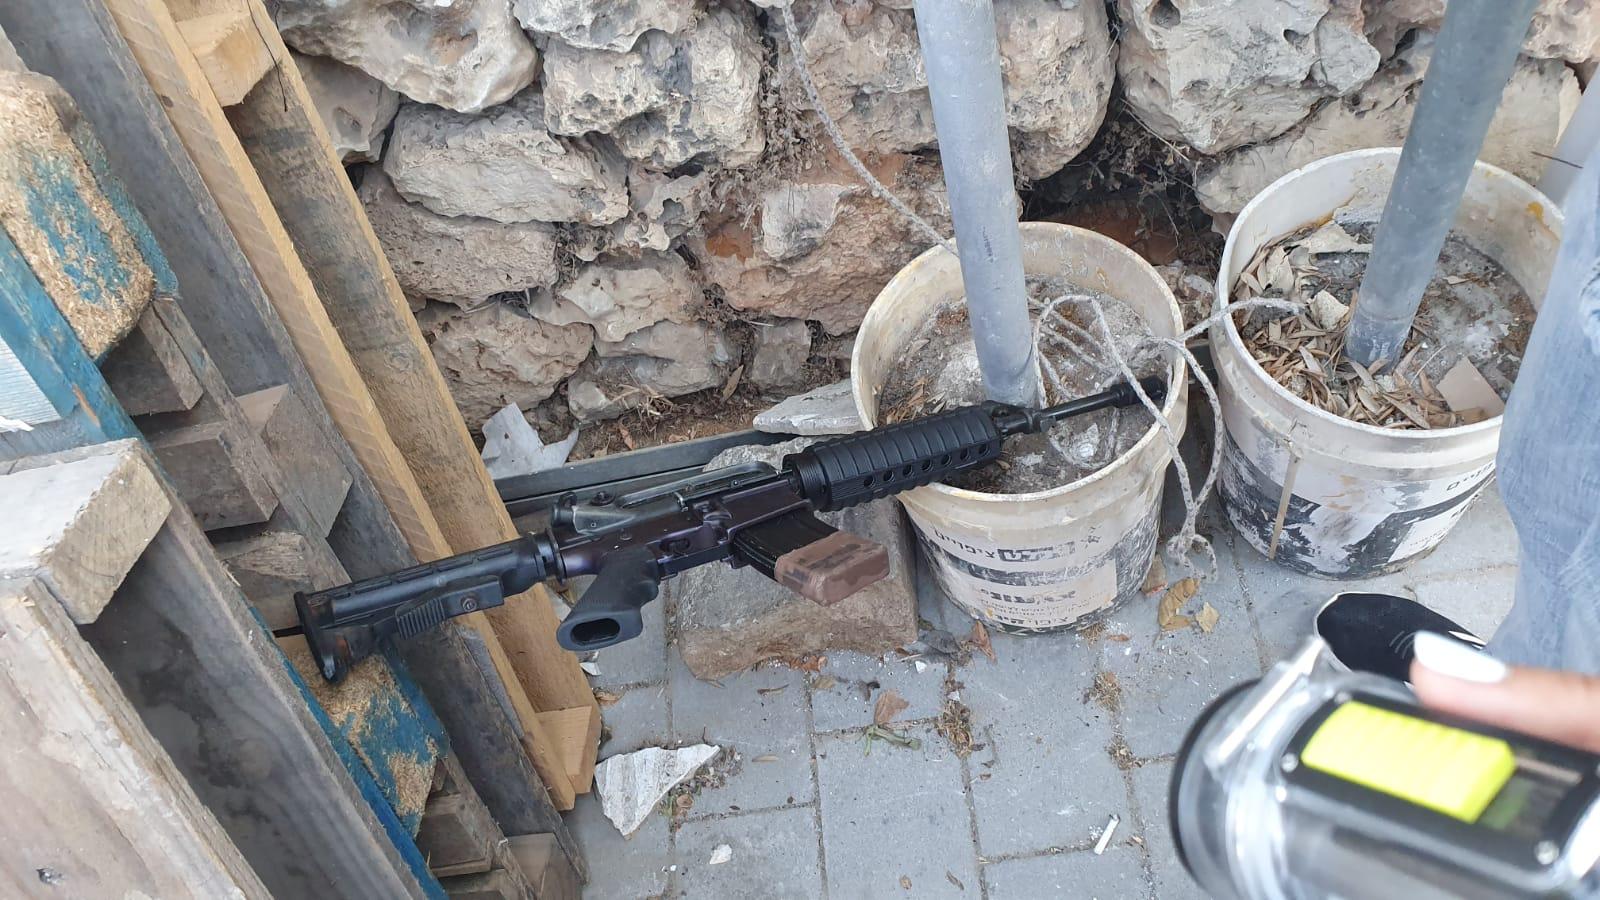 فيديو: مطاردة بوليسية في اللد واعتقال مشتبهين وضبط سلاح وذخيرة